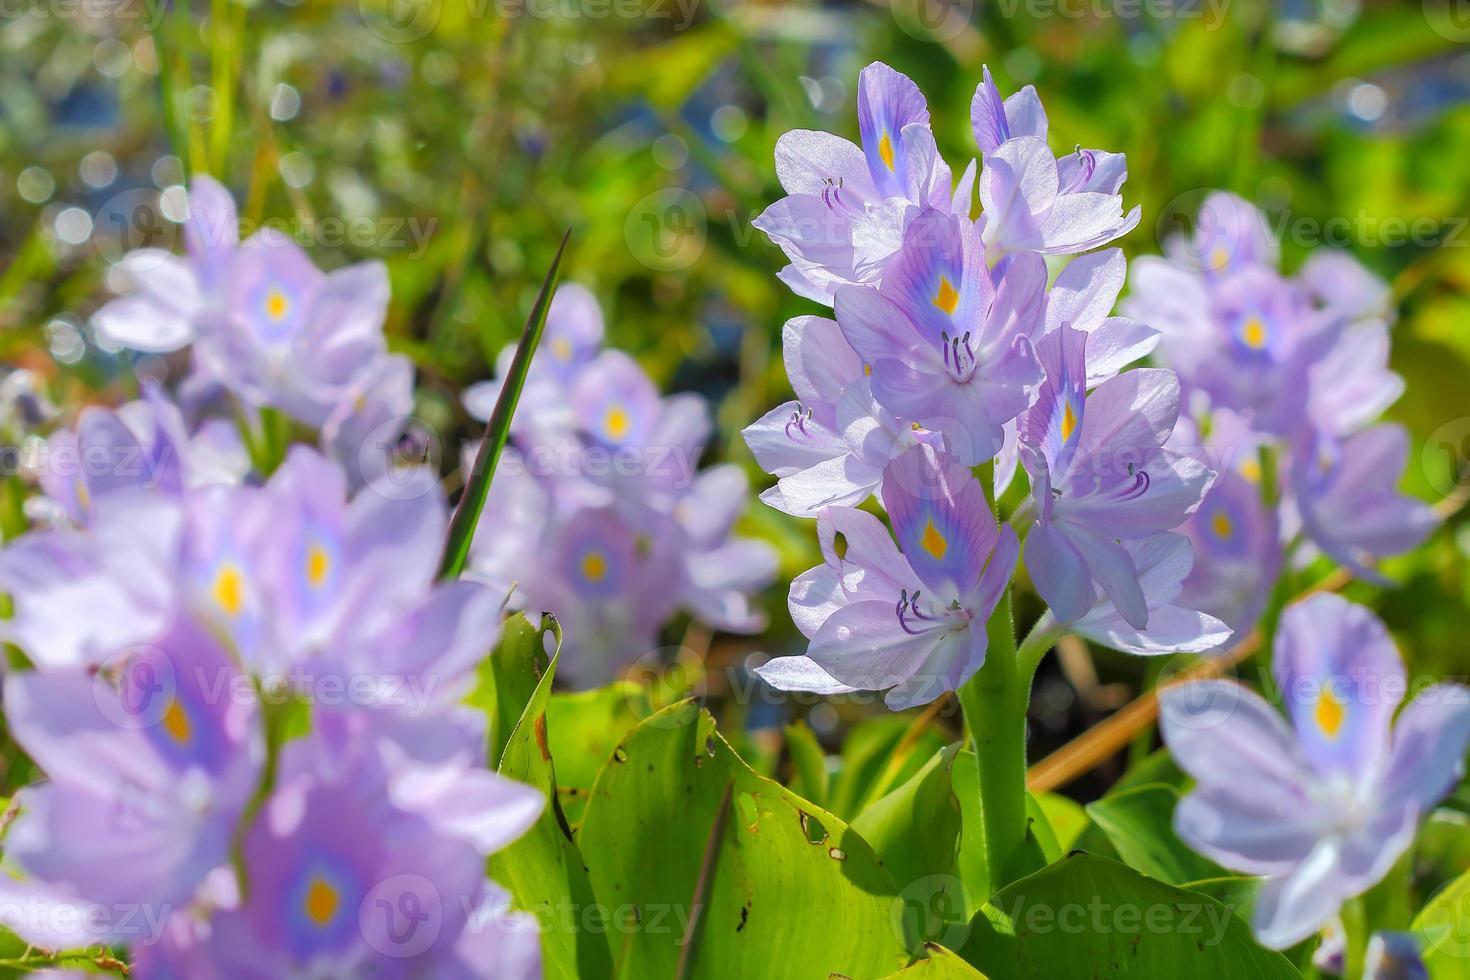 fleur de jacinthe d'eau dans les sources d'eau naturelles photo